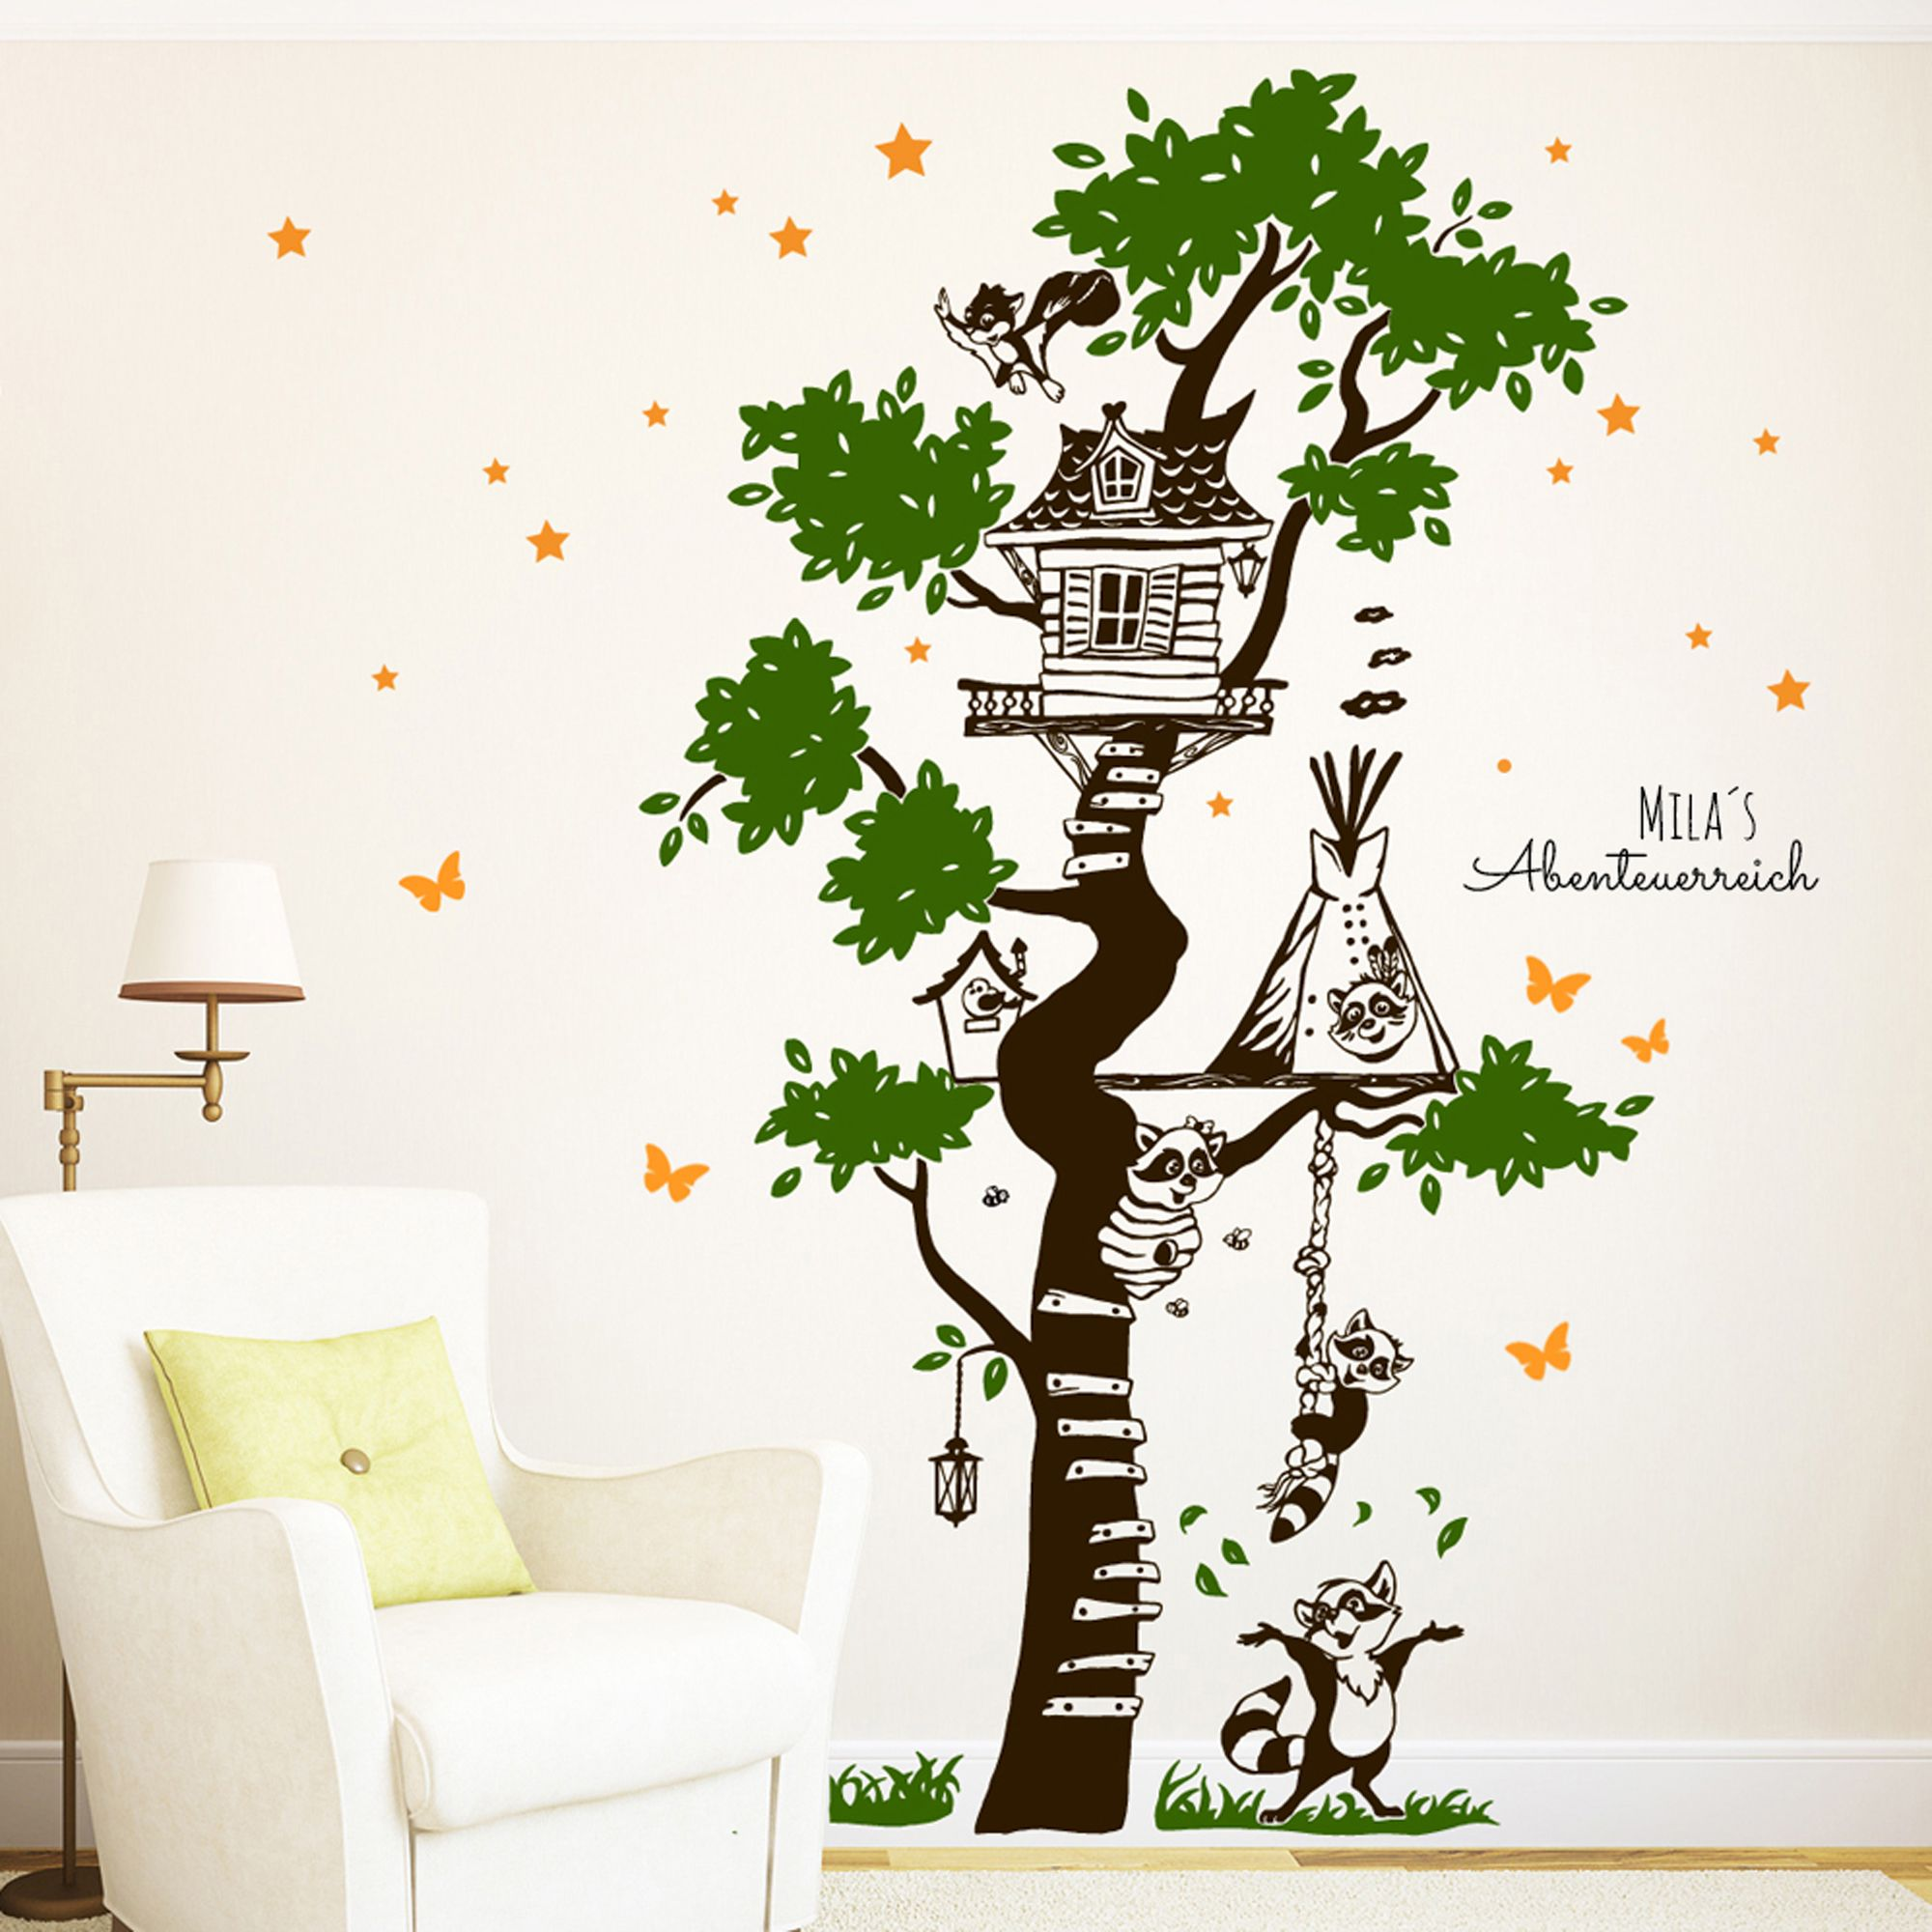 Fesselnde Wandtattoo Bäume Das Beste Von Wandtattoos - Baum Waschbären Sterne - Ein